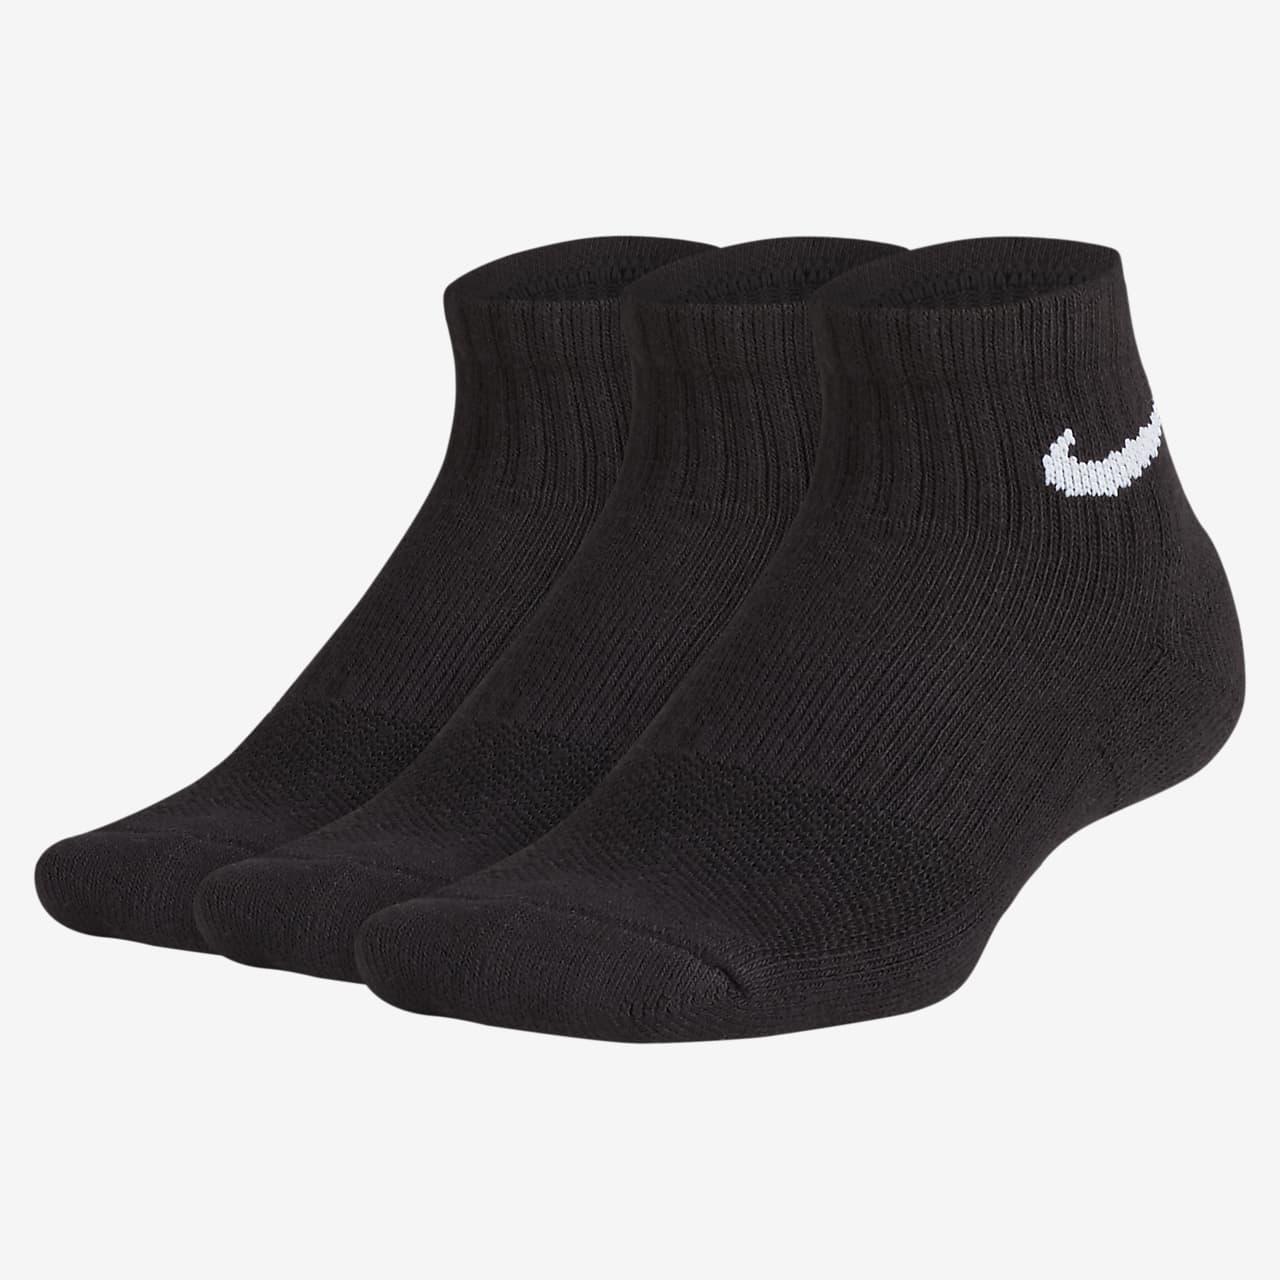 Skarpety dla dużych dzieci do kostki z amortyzacją Nike Everyday (3 pary)